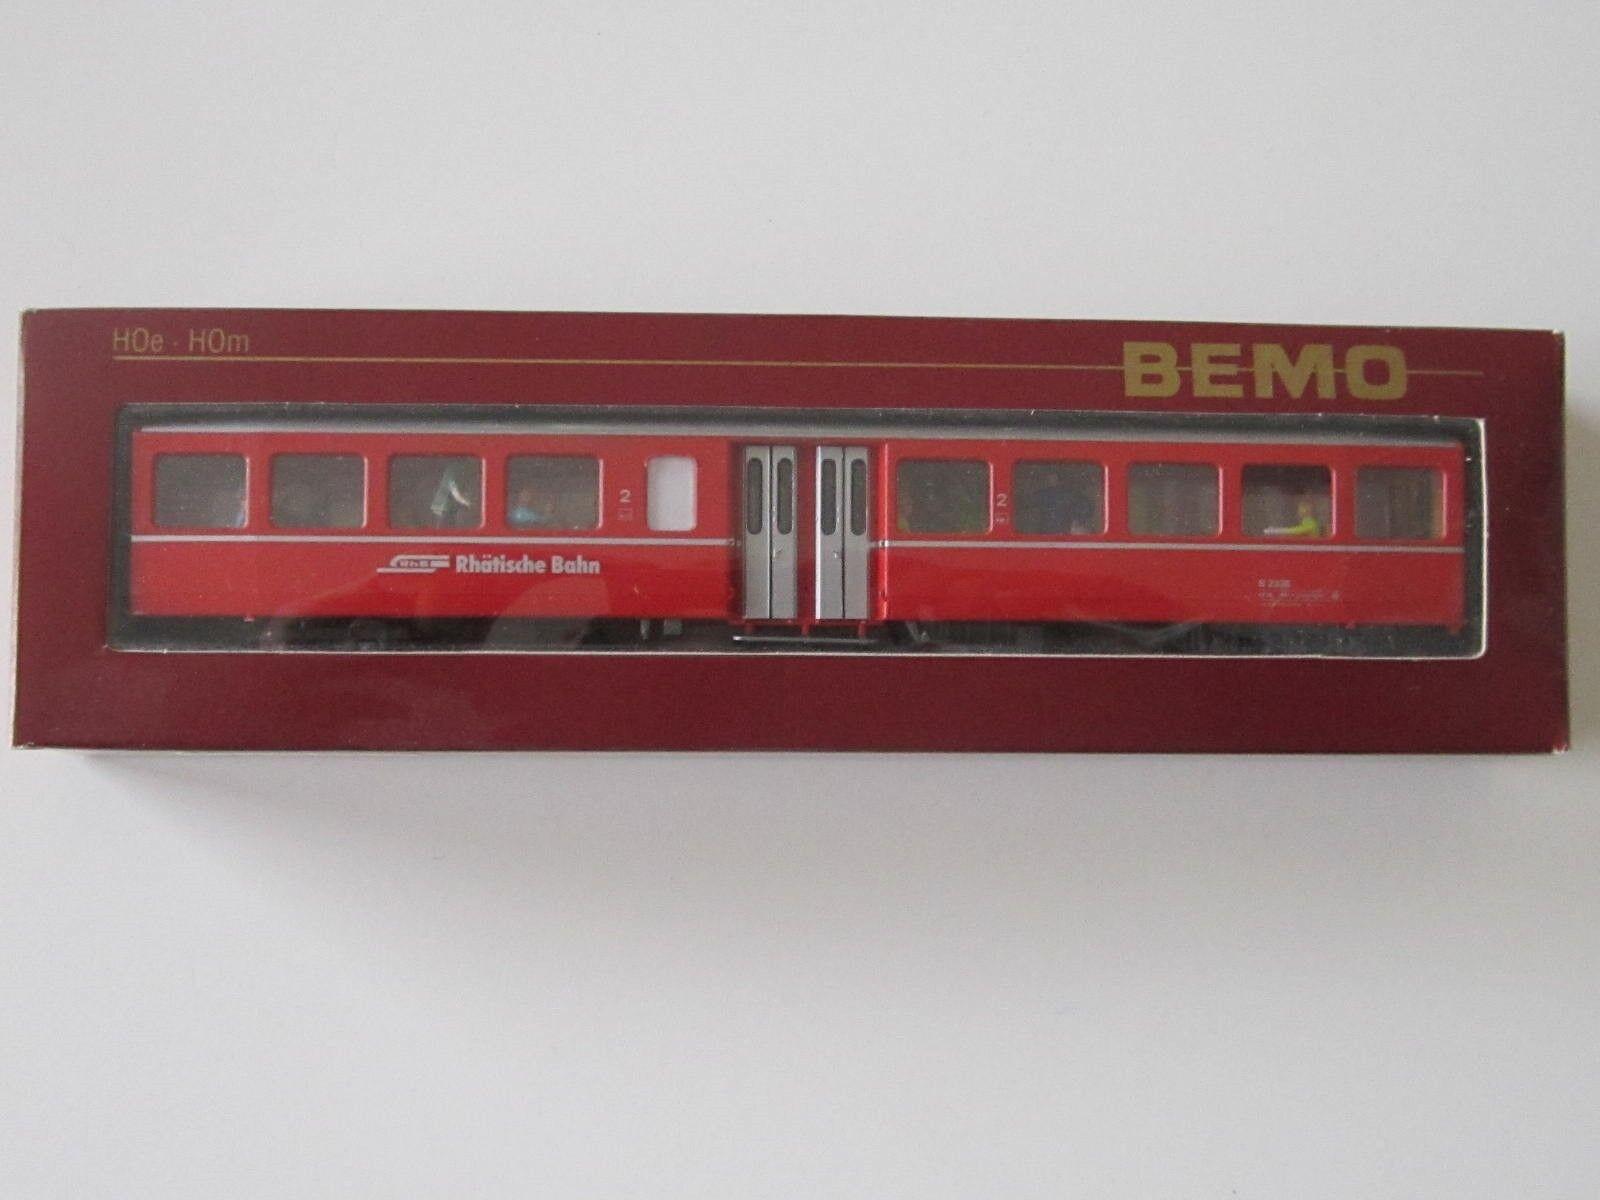 Bemo HOm 3284 120 Personenwagen Mitteleinstieg, 2.Klasse, mit Figures, RhB, neu